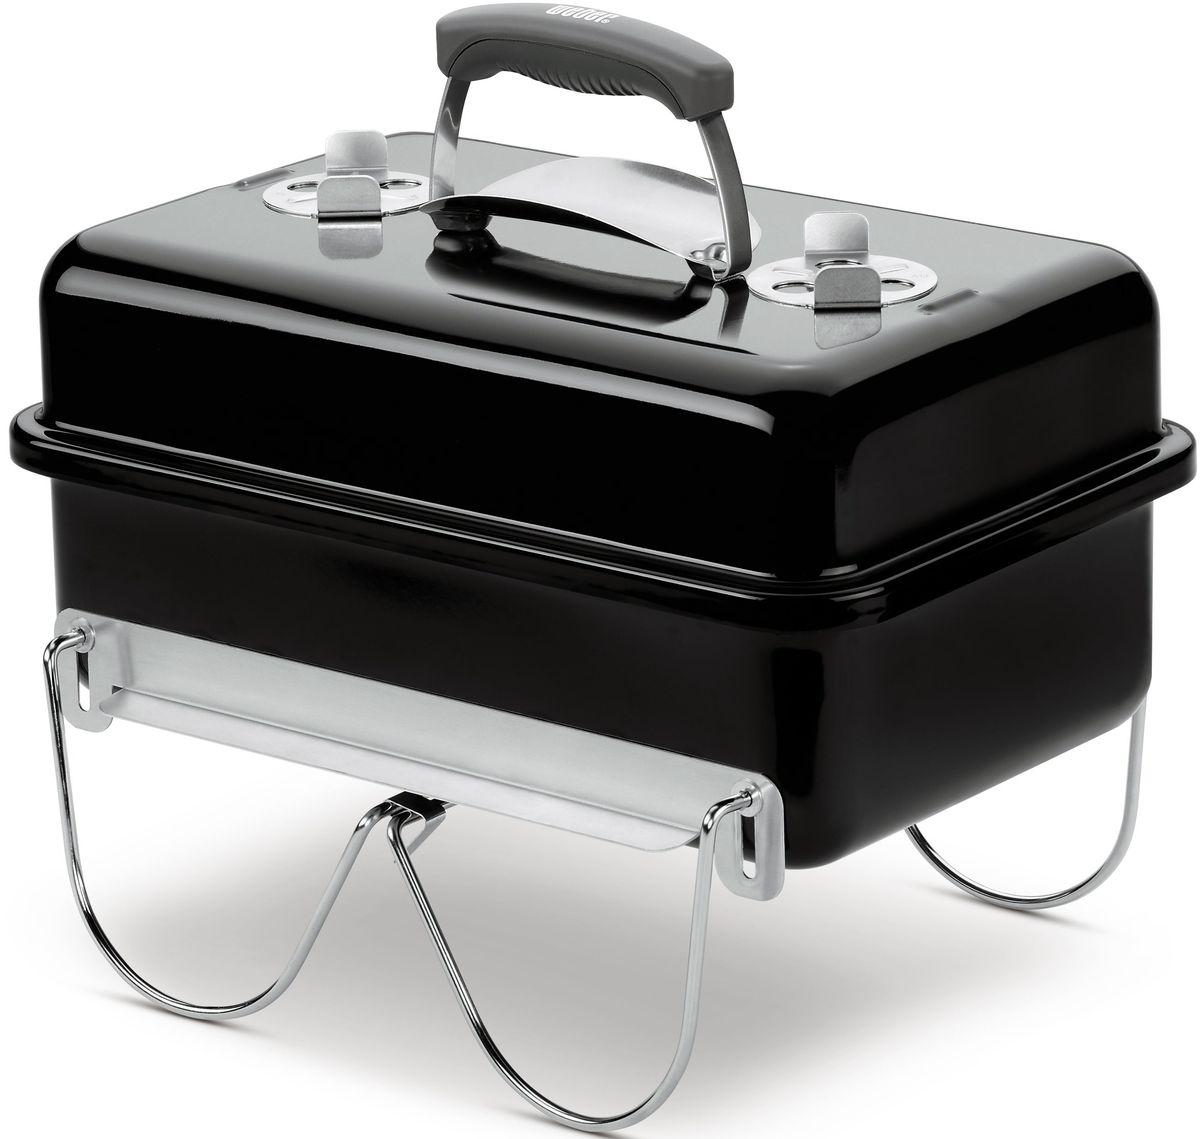 """Переносной угольный гриль Weber """"Go-Anywhere"""" удобен для использования на пикнике, выездной вечеринке или в туристическом походе. Портативный прибор обладает малым весом и компактными габаритами. Он предназначен для жарки мяса на углях. Оптимальная температура внутри устройства регулируется тремя воздушными заслонками. В состав мини-гриля входят котел, крышка с оснащенной жароотсекателем ручкой, хромированная и стальная решетки. Прямоугольный компактный корпус выполнен из высококачественной стали, изнутри и снаружи покрыт жаропрочной фарфоровой эмалью. Удобные ручки для переноски выполнены из армированного стекловолокном нейлона, на крышке присутствуют алюминиевые вентиляционные заслонки. Откидные ножки повышают устойчивость настольного прибора, при транспортировке они складываются и фиксируют крышку. Крышка и котел, изготовлены из жаропрочной стали, покрытые фарфоровой эмалью изнутри и снаружи. Гриль можно оставлять на улице в любую погоду.  Особенности: Хромированная решетка для гриля из жаропрочной стали. Откидные ножки обеспечивают устойчивость. В убранном положении уменьшают габариты гриля и фиксируют крышку для удобства транспортировки. Ручка из нейлона армированного стекловолокном. Жароотсекатель на ручке крышки. Крюк, расположенный внутри крышки, позволяет при необходимости подвесить ее на стенку котла. Две алюминиевые вентиляционные заслонки на крышке. Две алюминиевые вентиляционные заслонки на боковой поверхности гриля. Такое расположение вентиляционных отверстий исключает опасность пожара от искр и выпавших углей. Размеры в собранном виде: 43 х 31 х 47 смРазмеры решетки: 40,5 х 25,5 смВес: 5 кг."""